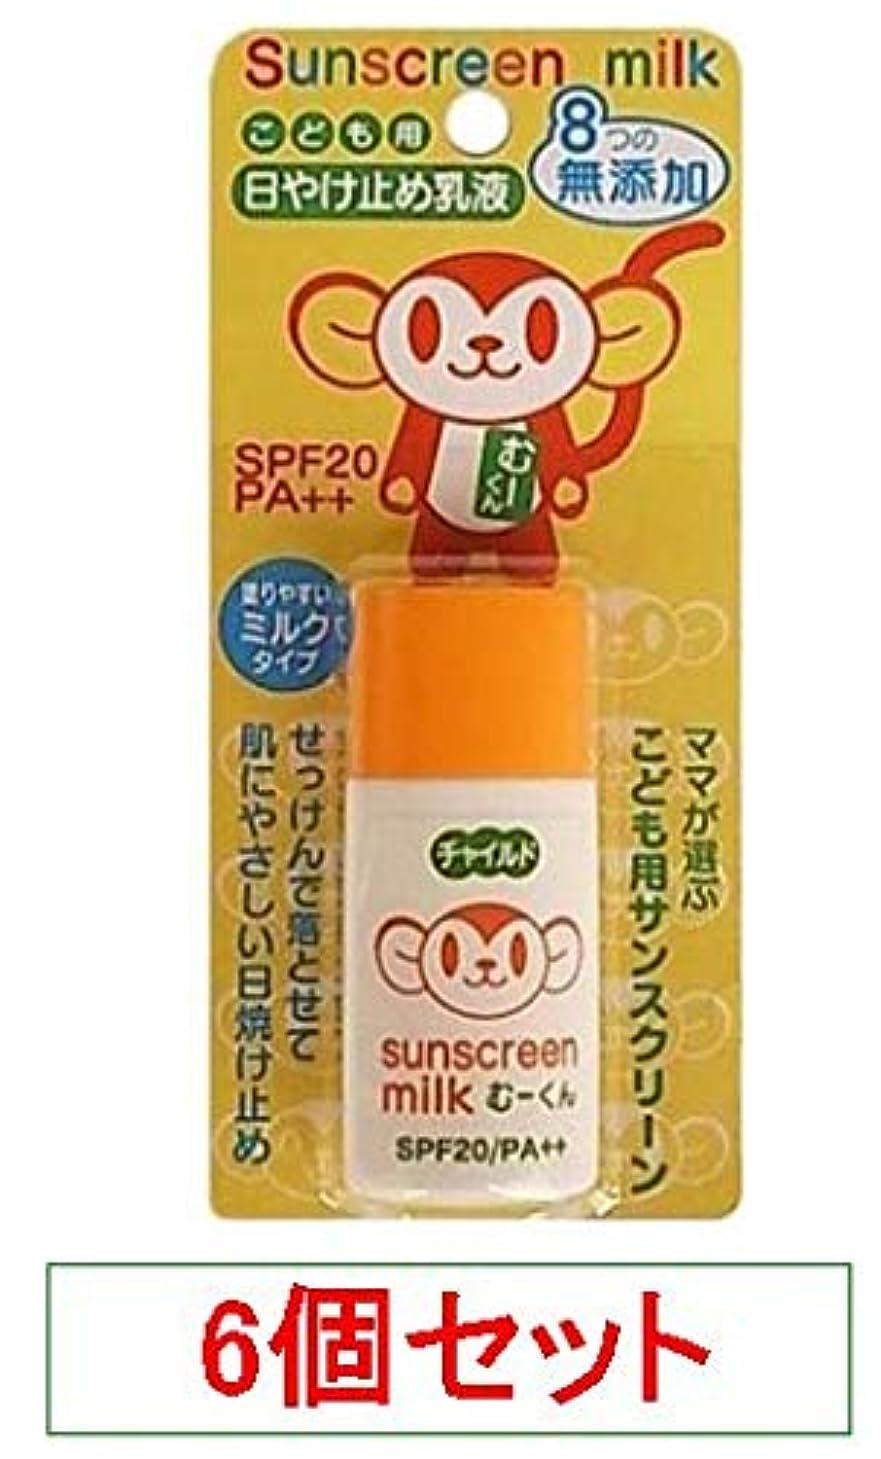 曲キャプテンブライ元に戻すハイム こども用日やけ止め乳液 サンスクリーンミルク SPF20 PA++ 25ml X6個セット